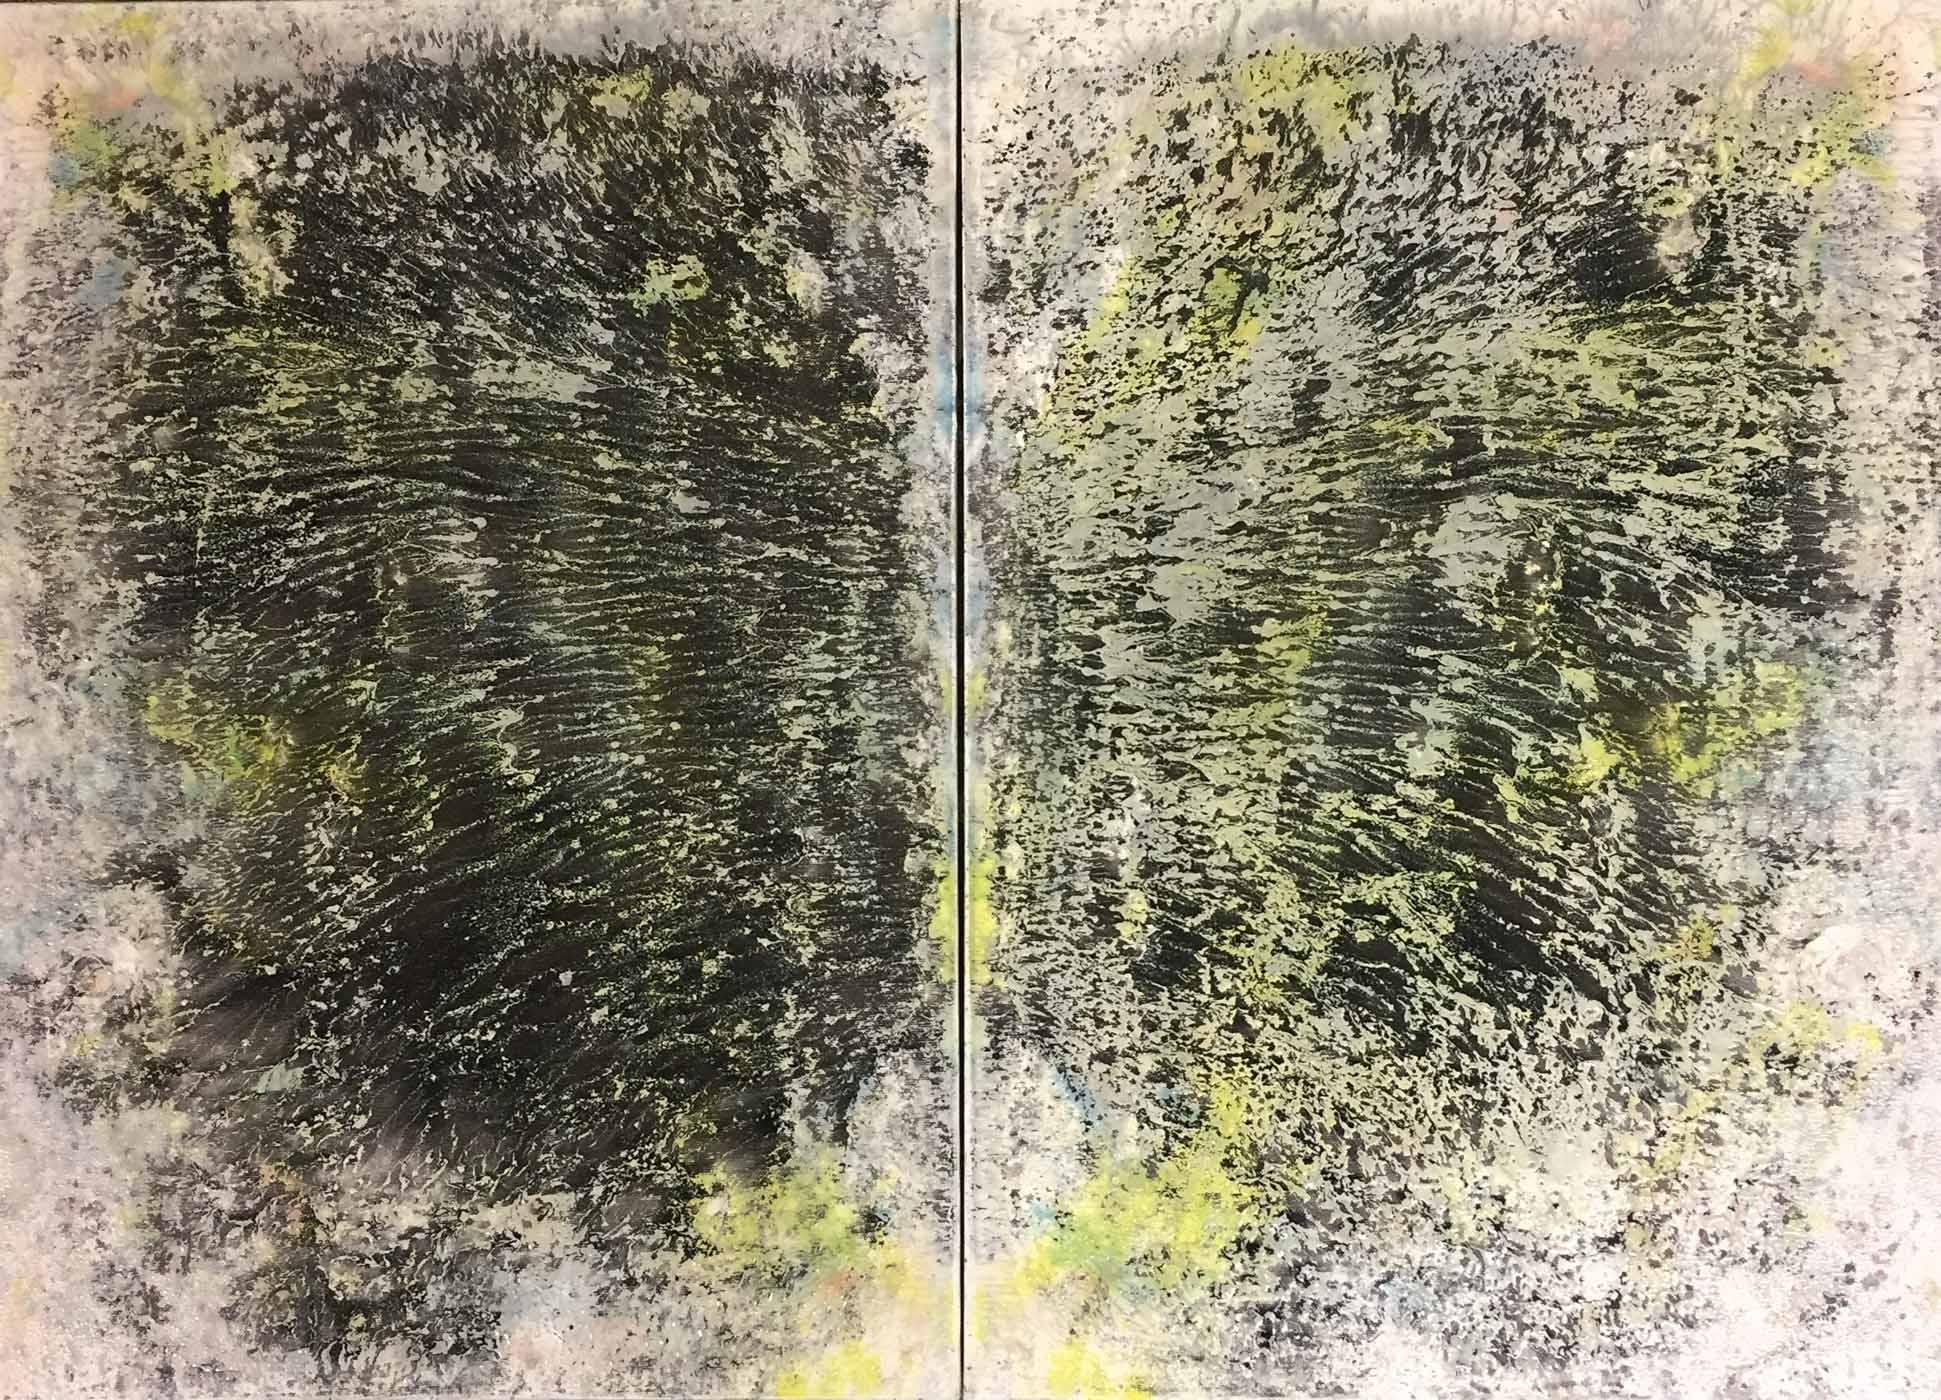 MARC FELD 2019 CANTARE (diptyque) Huile, pigment, acrylique et gouache sur toile 92 x 56 cm